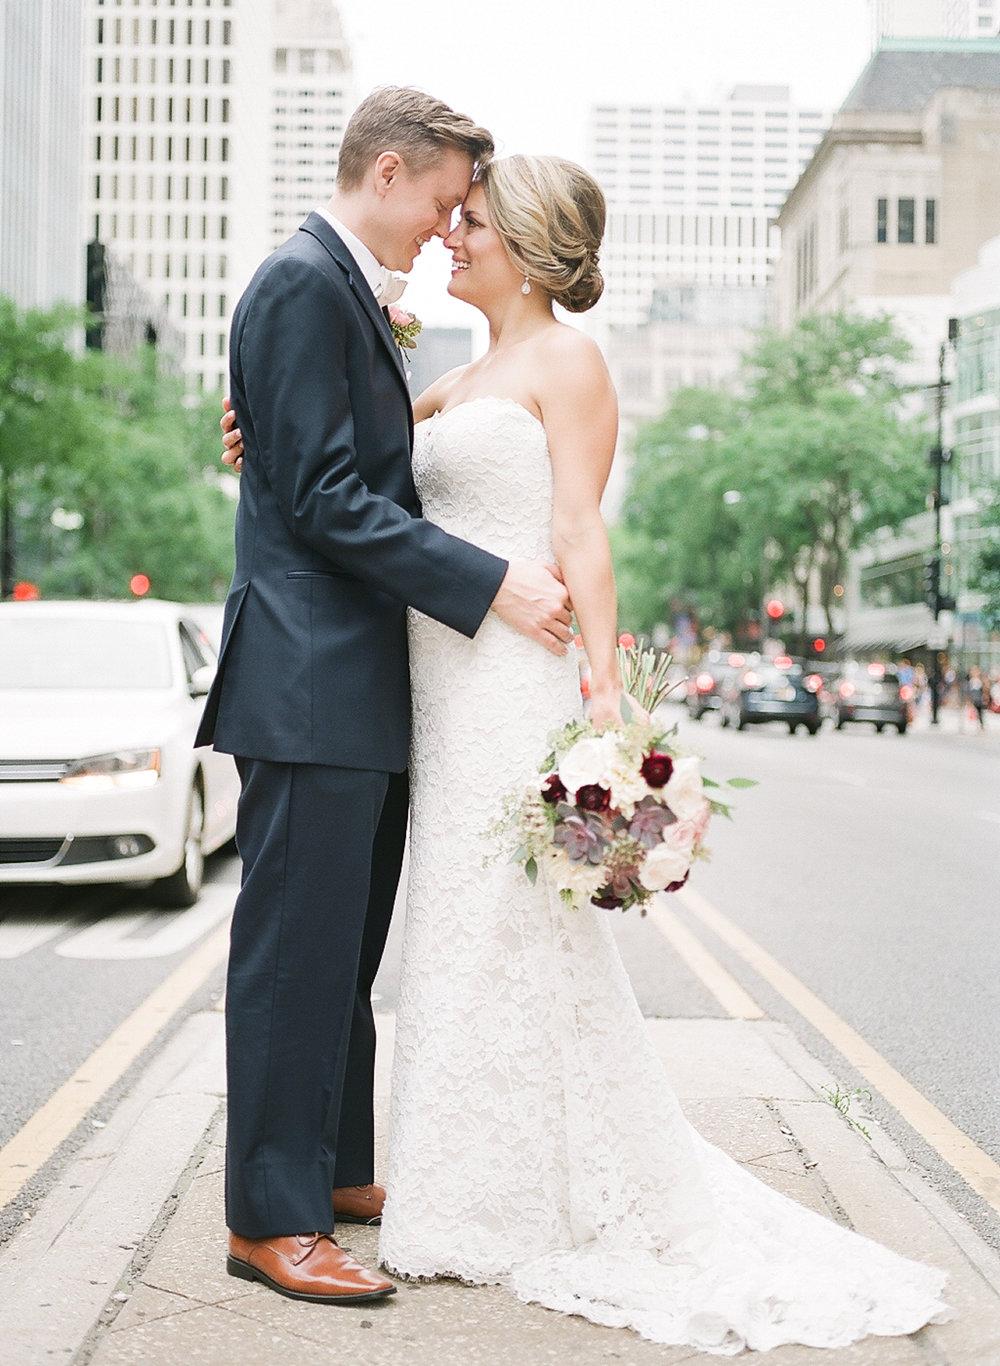 Bonphotage Fine Art Chicago Wedding Photography - Warwick Allerton